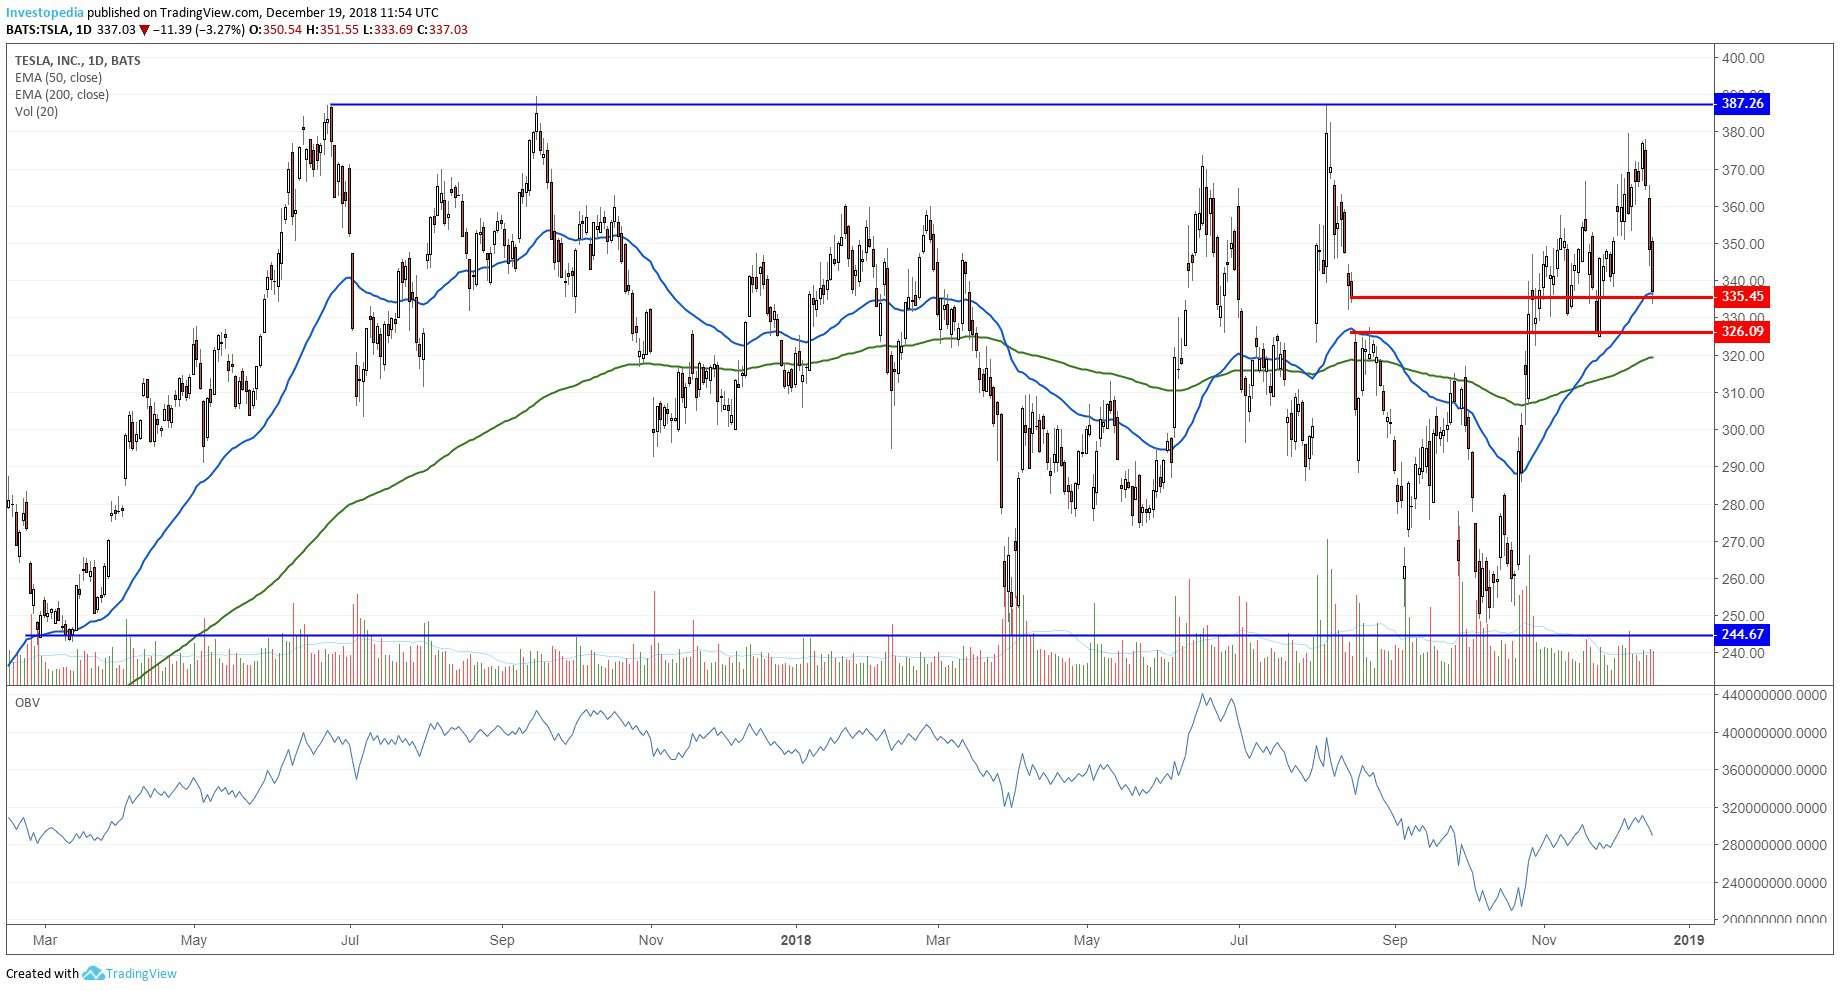 डेली टेस्ला के प्रदर्शन दिखा चार्ट, Inc (TSLA) स्टॉक